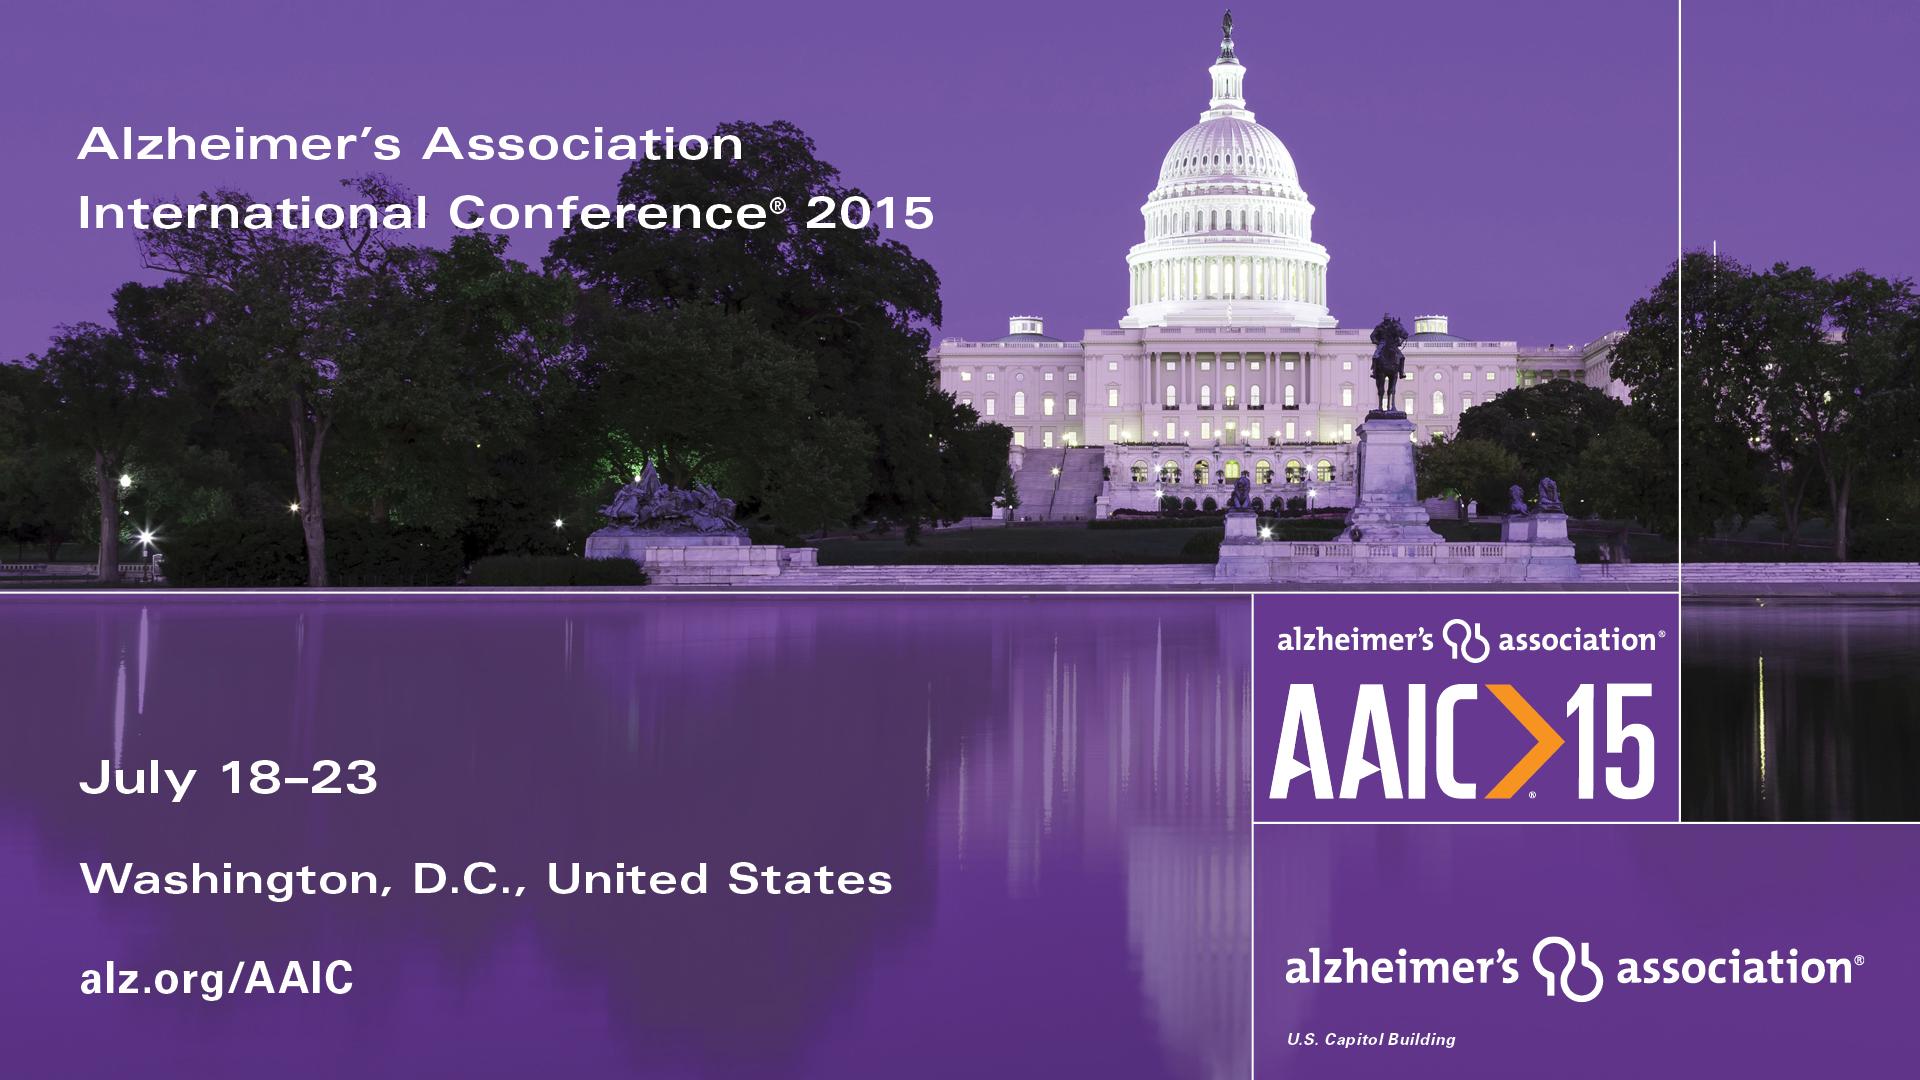 AAIC14 POWERPOINT SLIDE